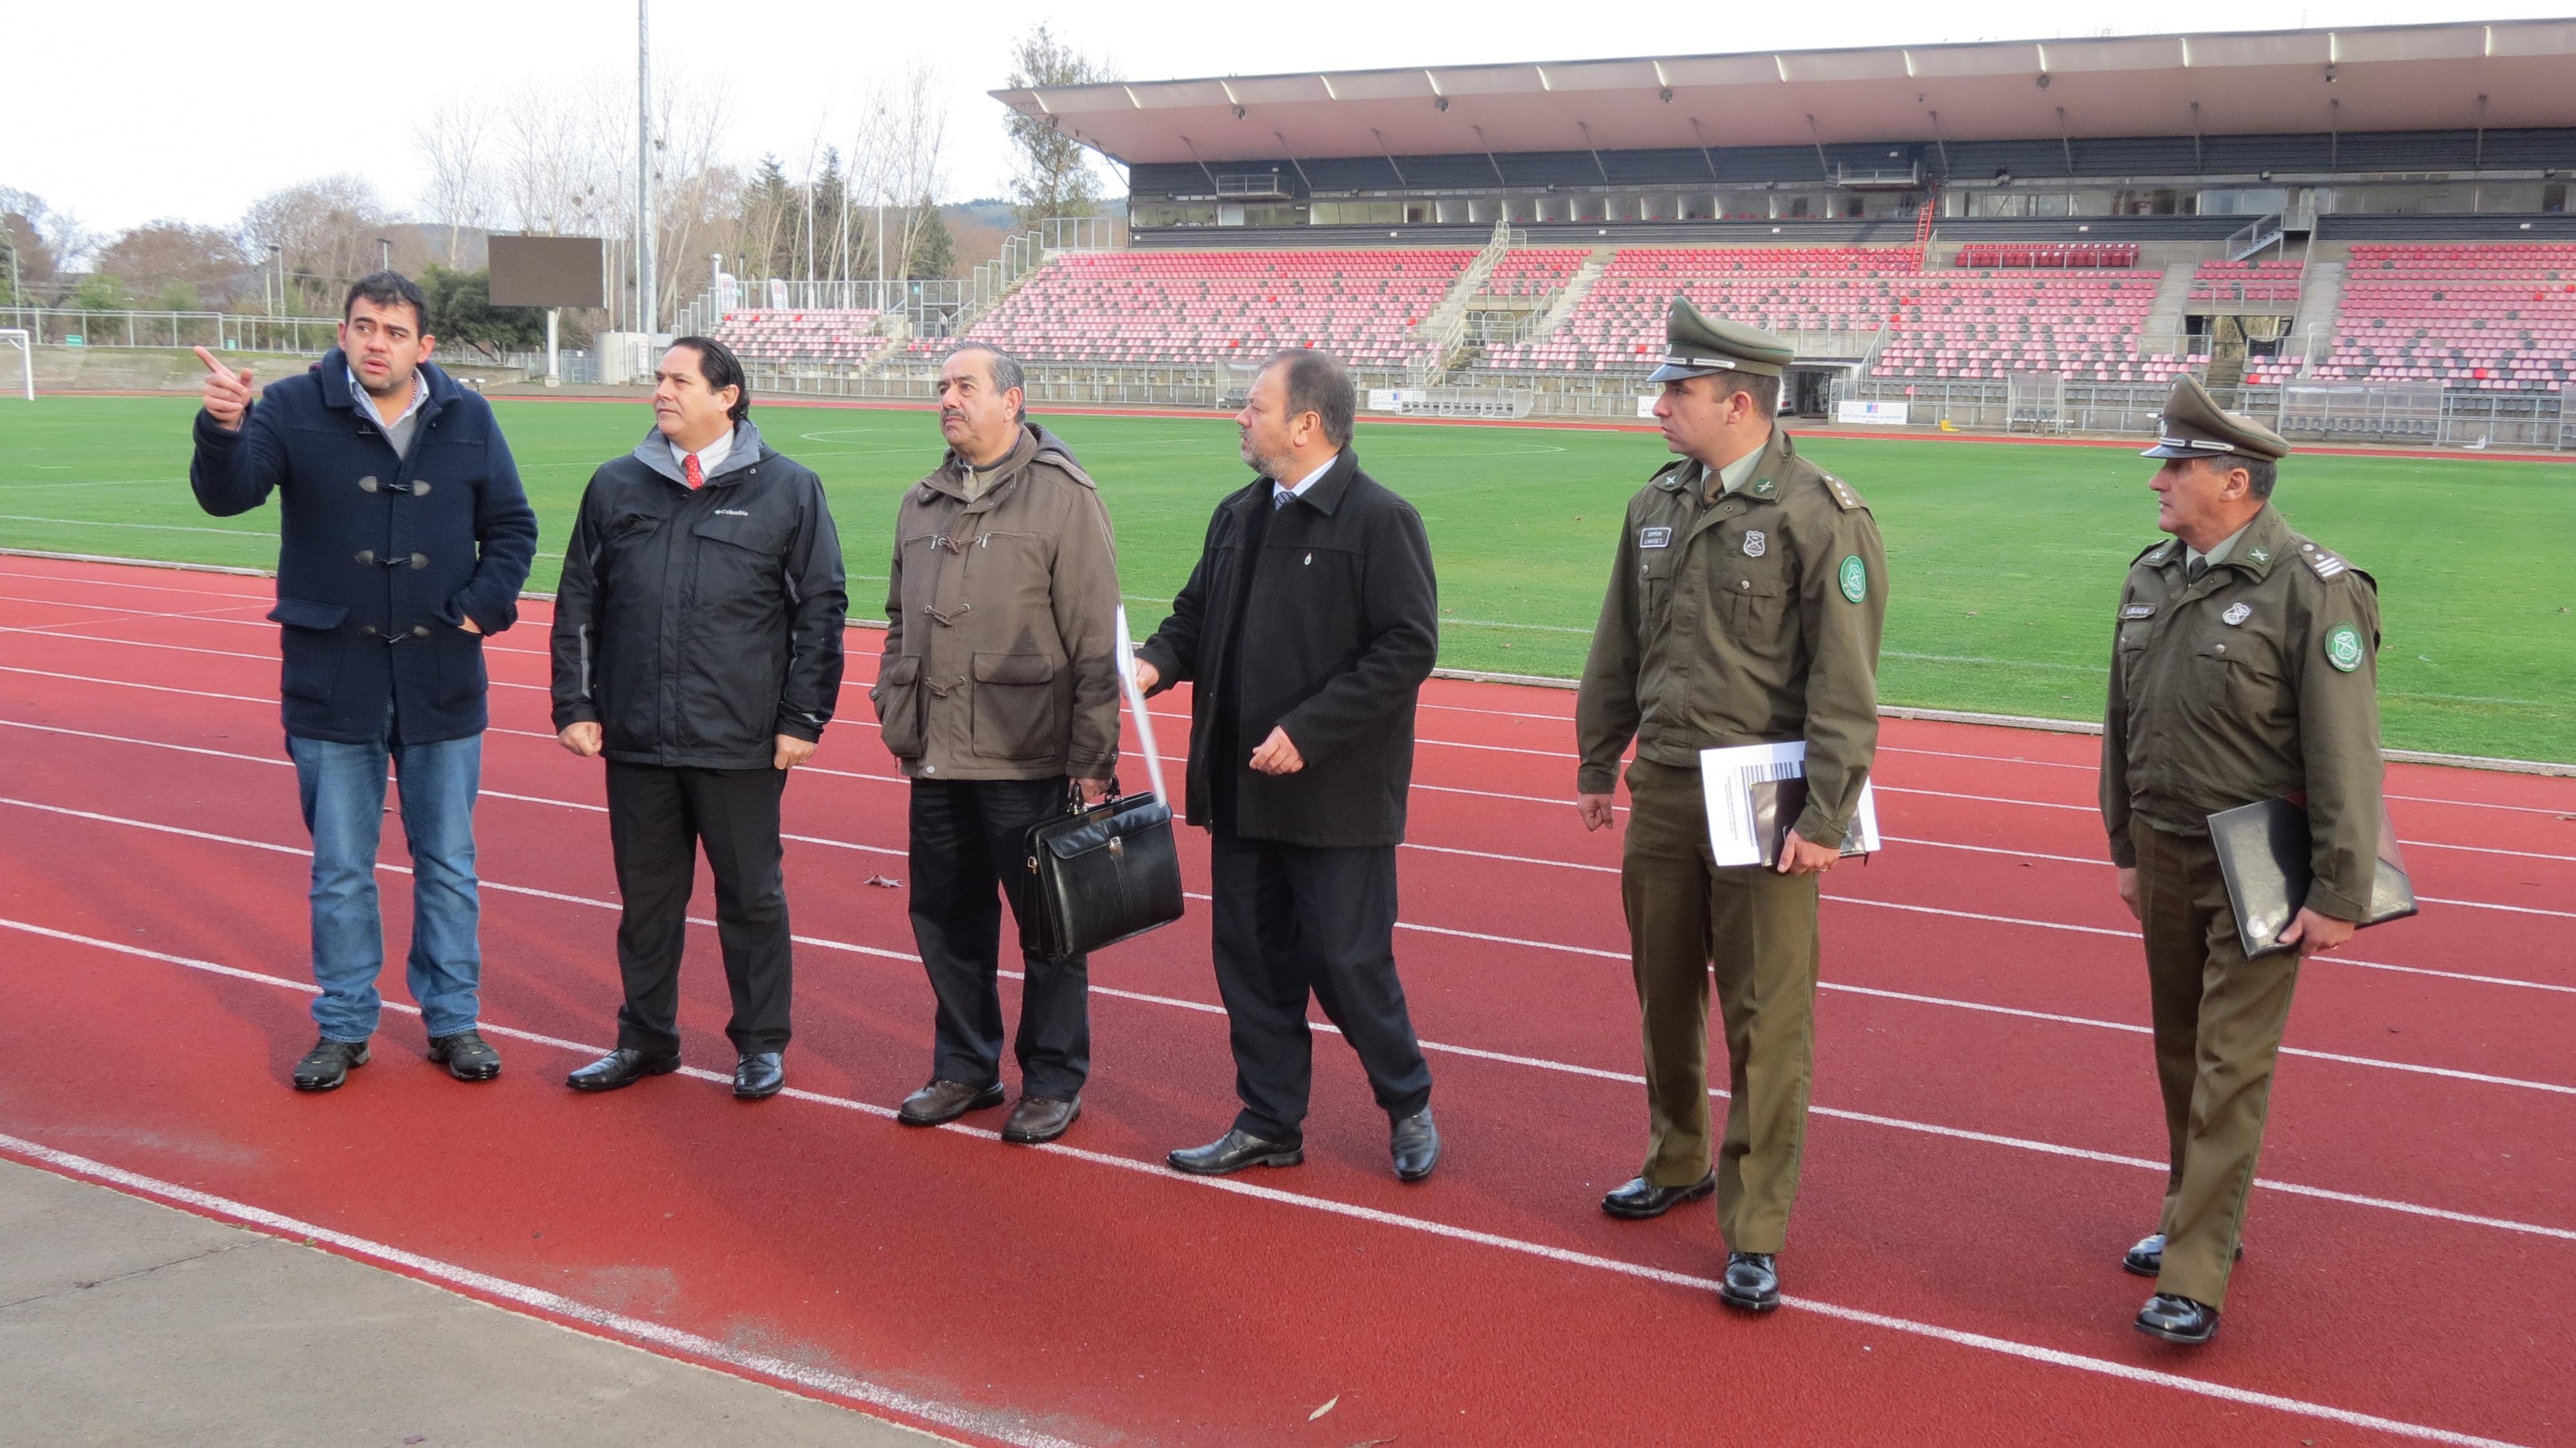 Toman medidas de seguridad por partidos de Copa Chile en Talca